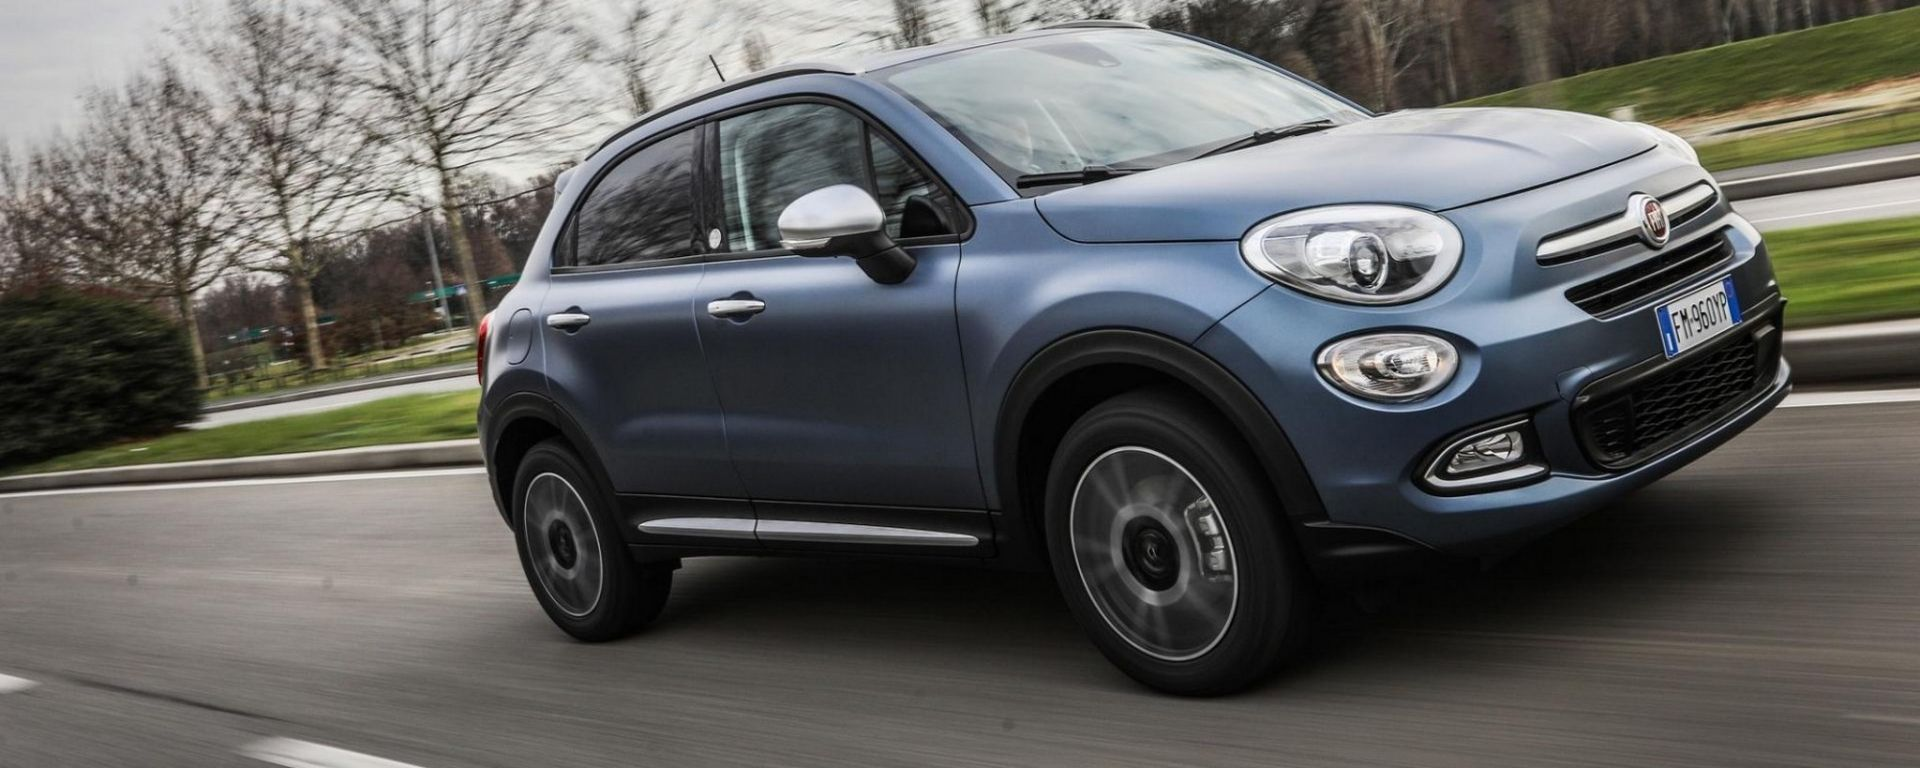 Fiat 500X 1.3, 150 CV: si guida bene ma il DCT non convince